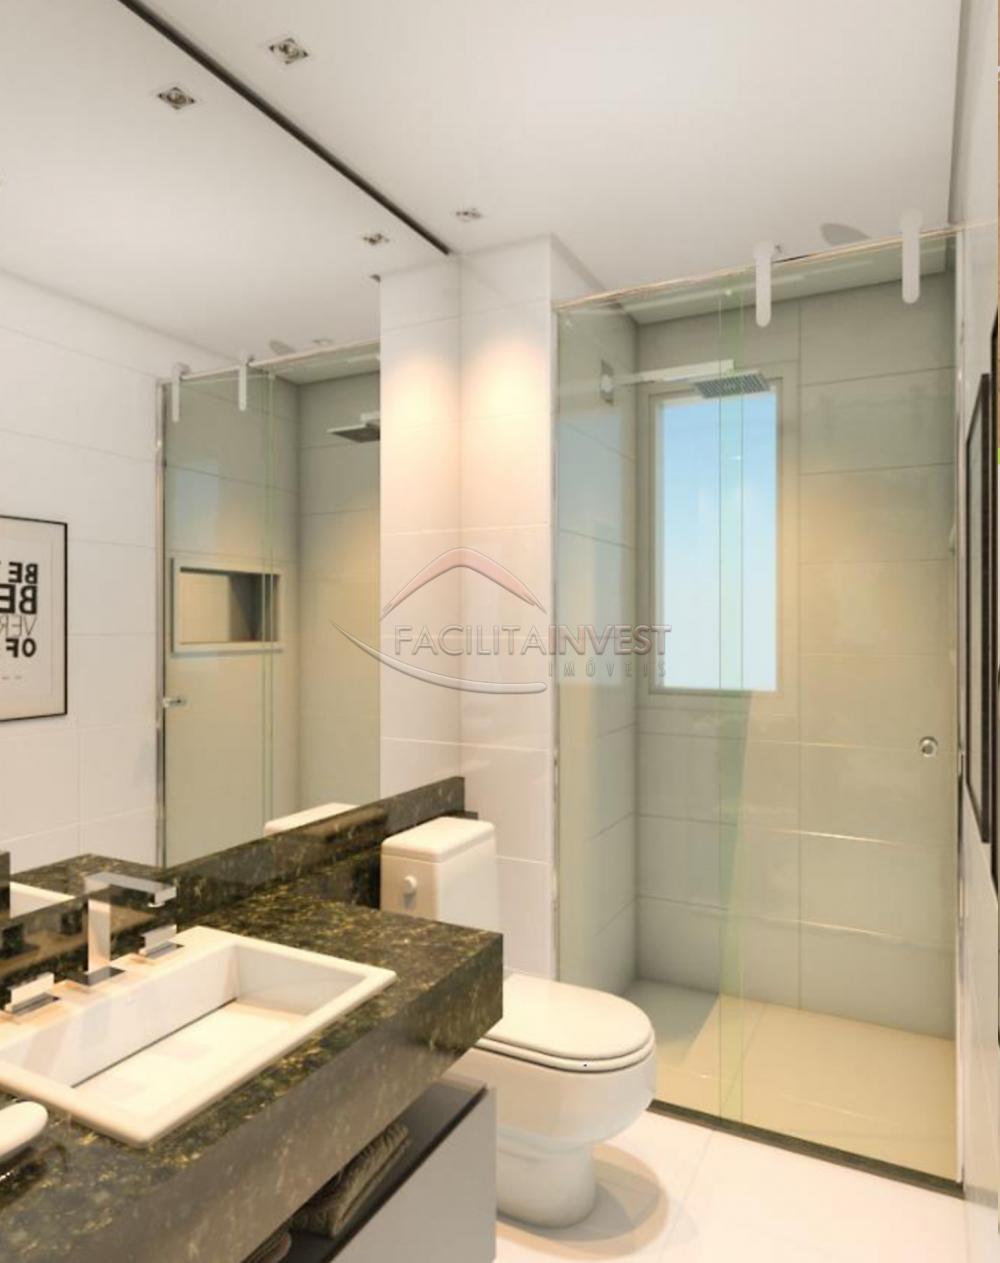 Comprar Lançamentos/ Empreendimentos em Construç / Apartamento padrão - Lançamento em Ribeirão Preto apenas R$ 554.488,00 - Foto 8